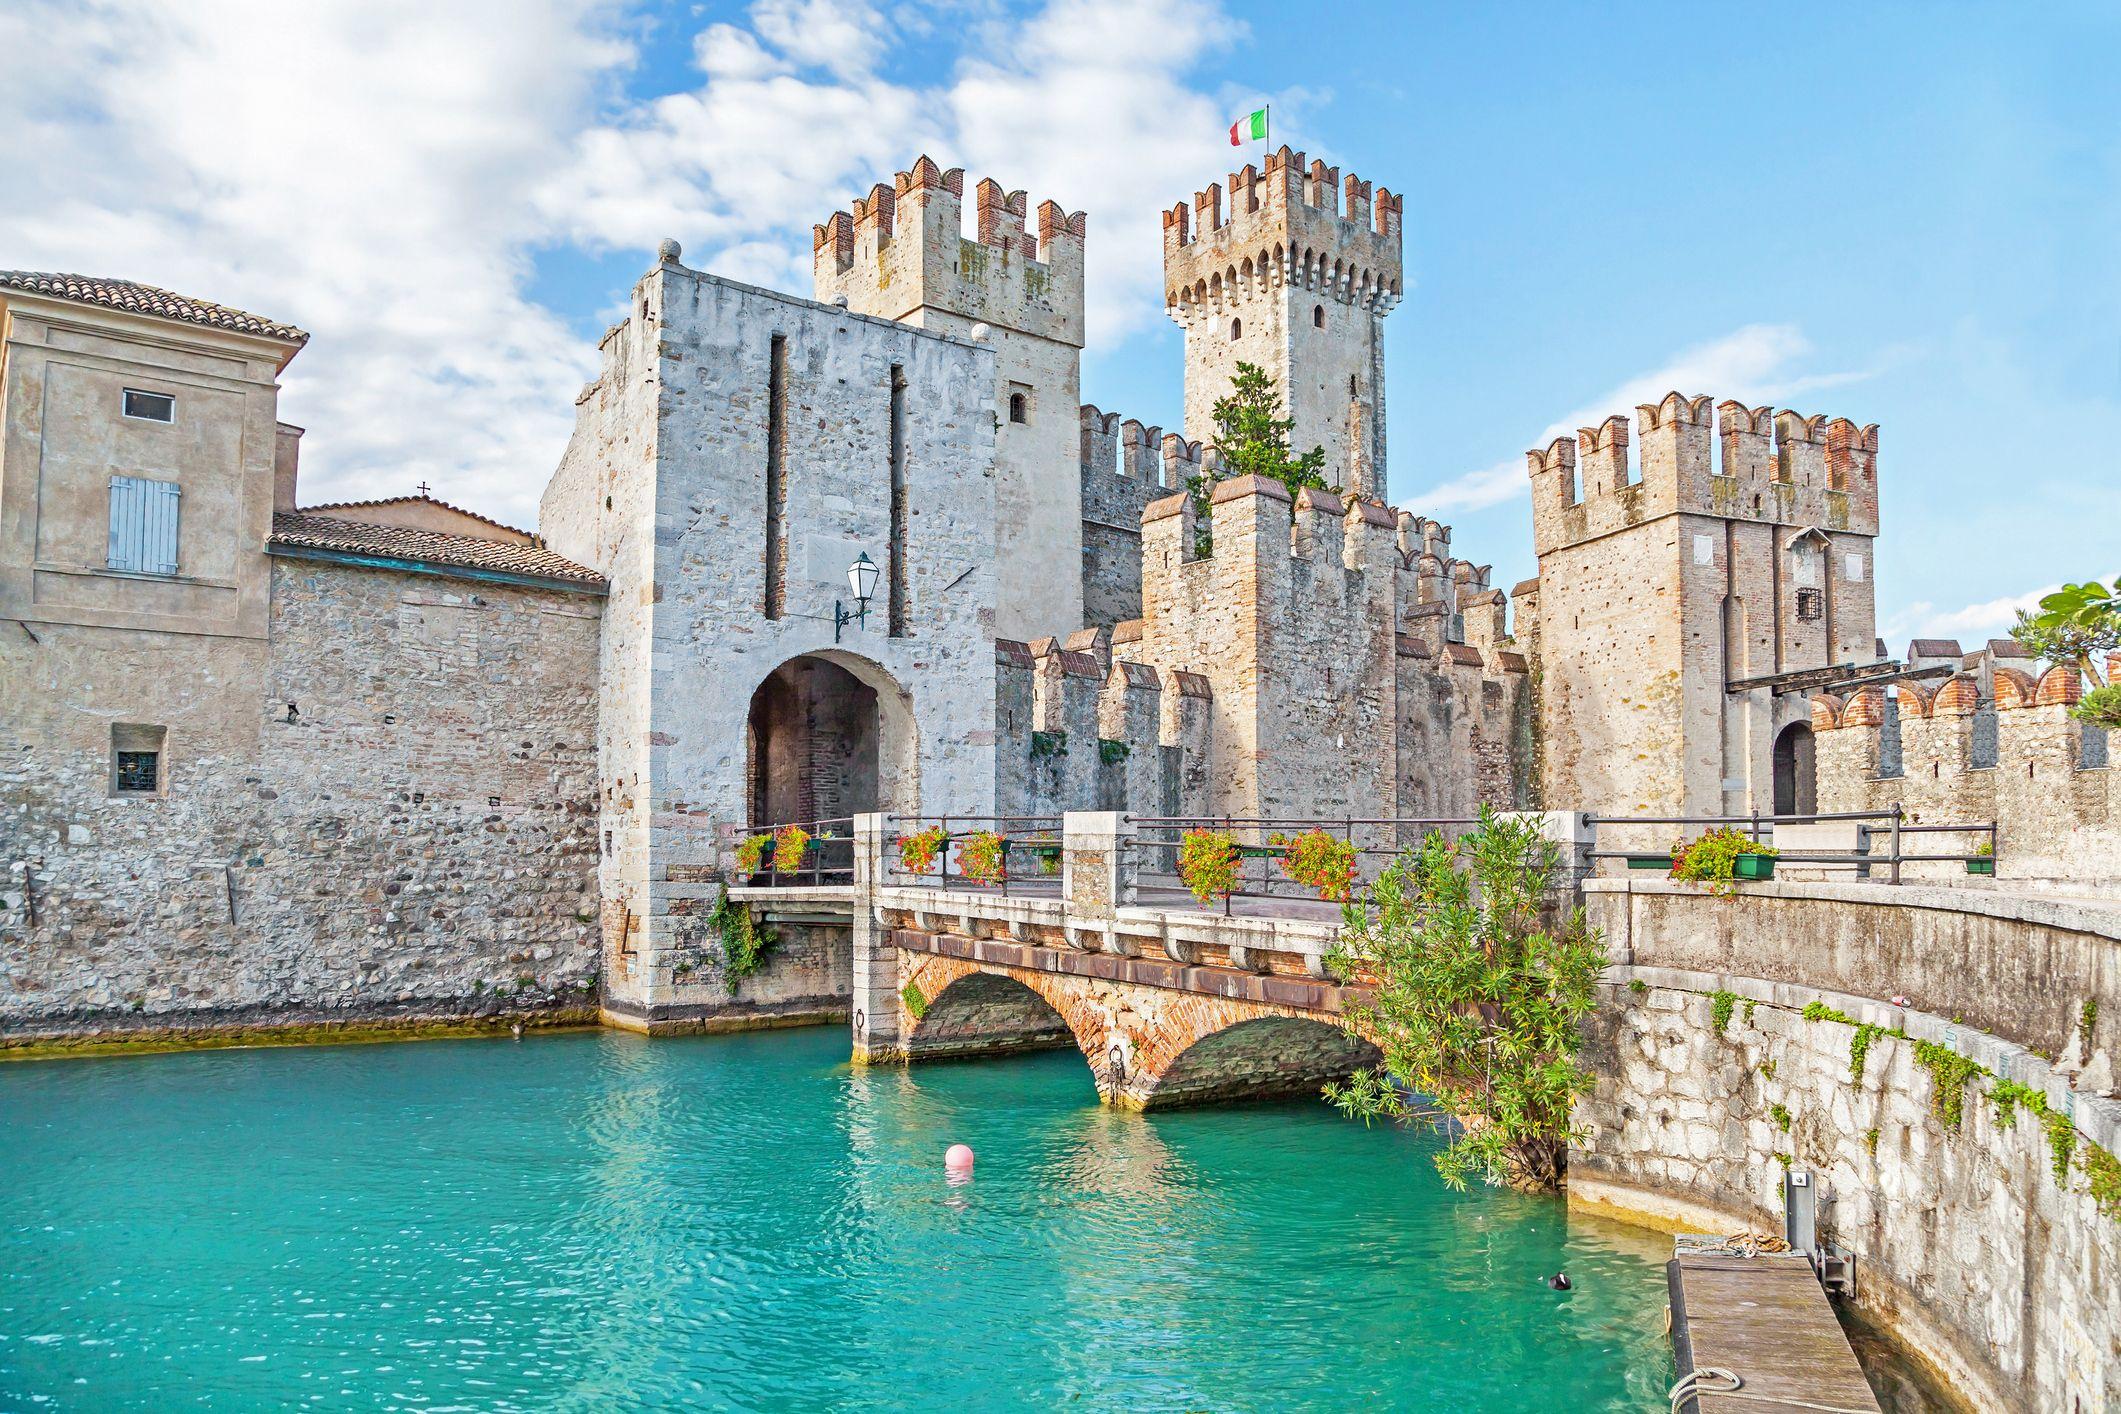 Il Castello di Sirmione, la Rocca Scaligera sul Lago di Garda